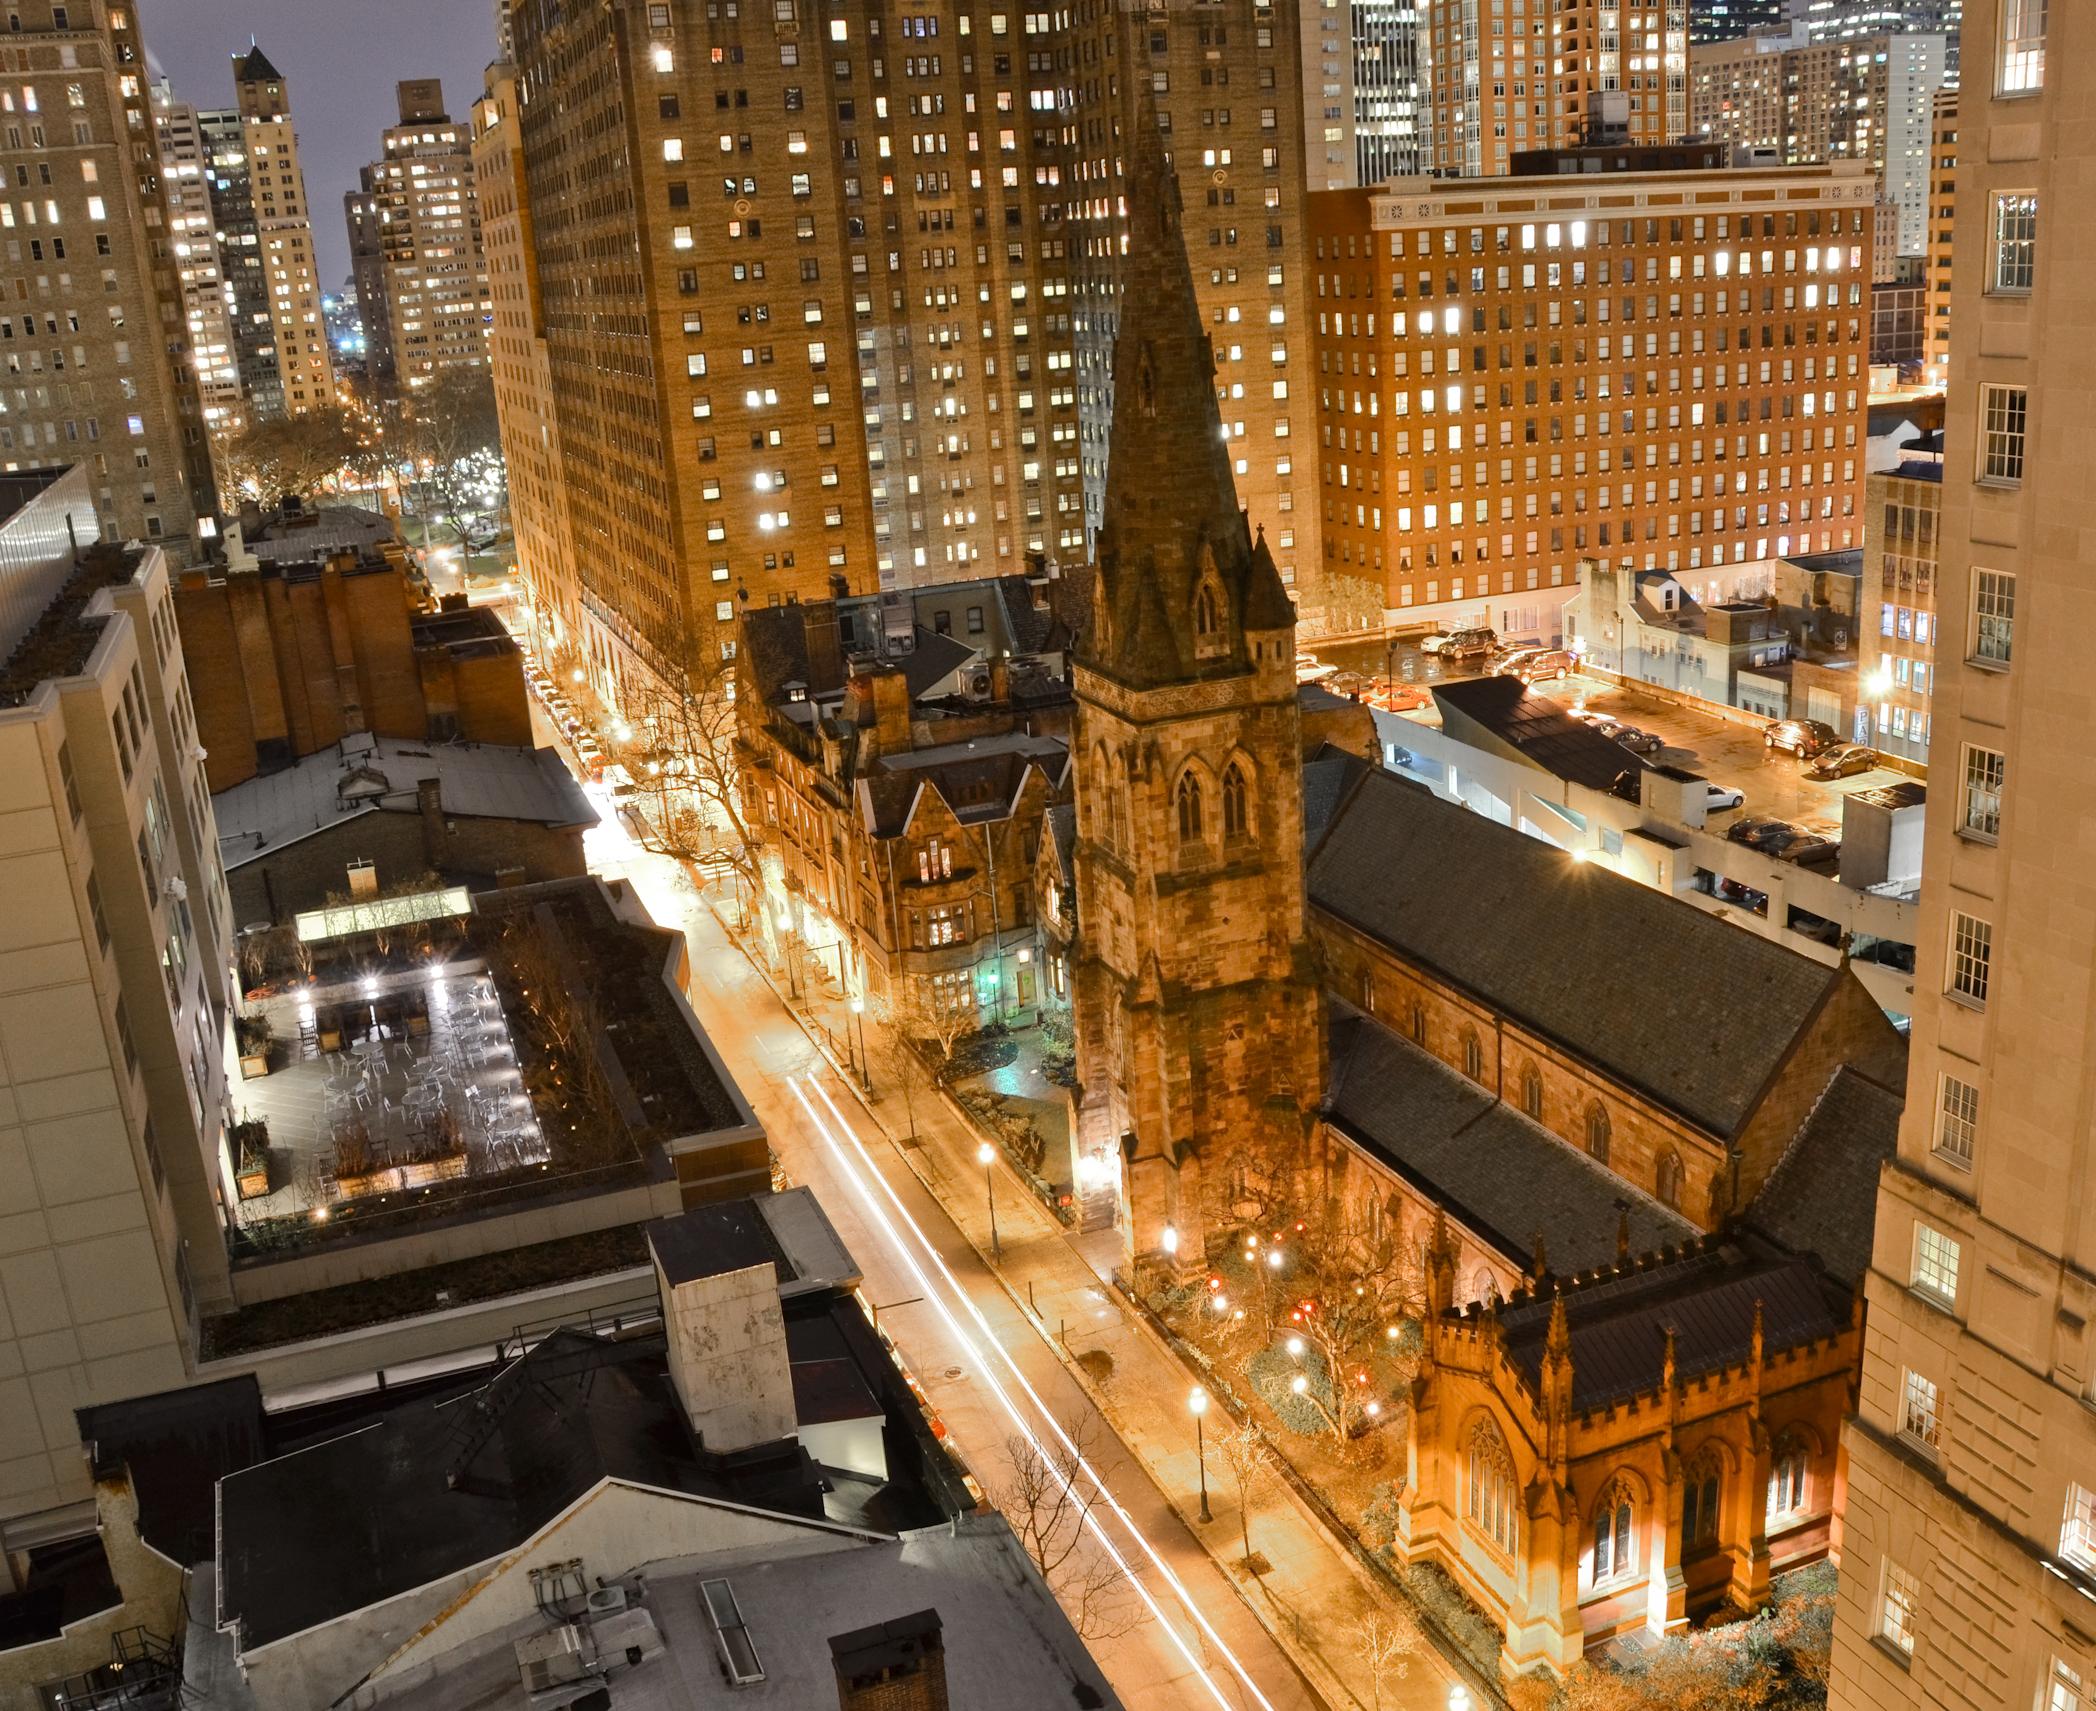 Philadelphia, Locust street philadelphia, St. Mark's Church Philadelphia, philly, buildings, architecture, windows, philadelphia skyline, philadelphia at night, center city philadelphia at night, visit philly